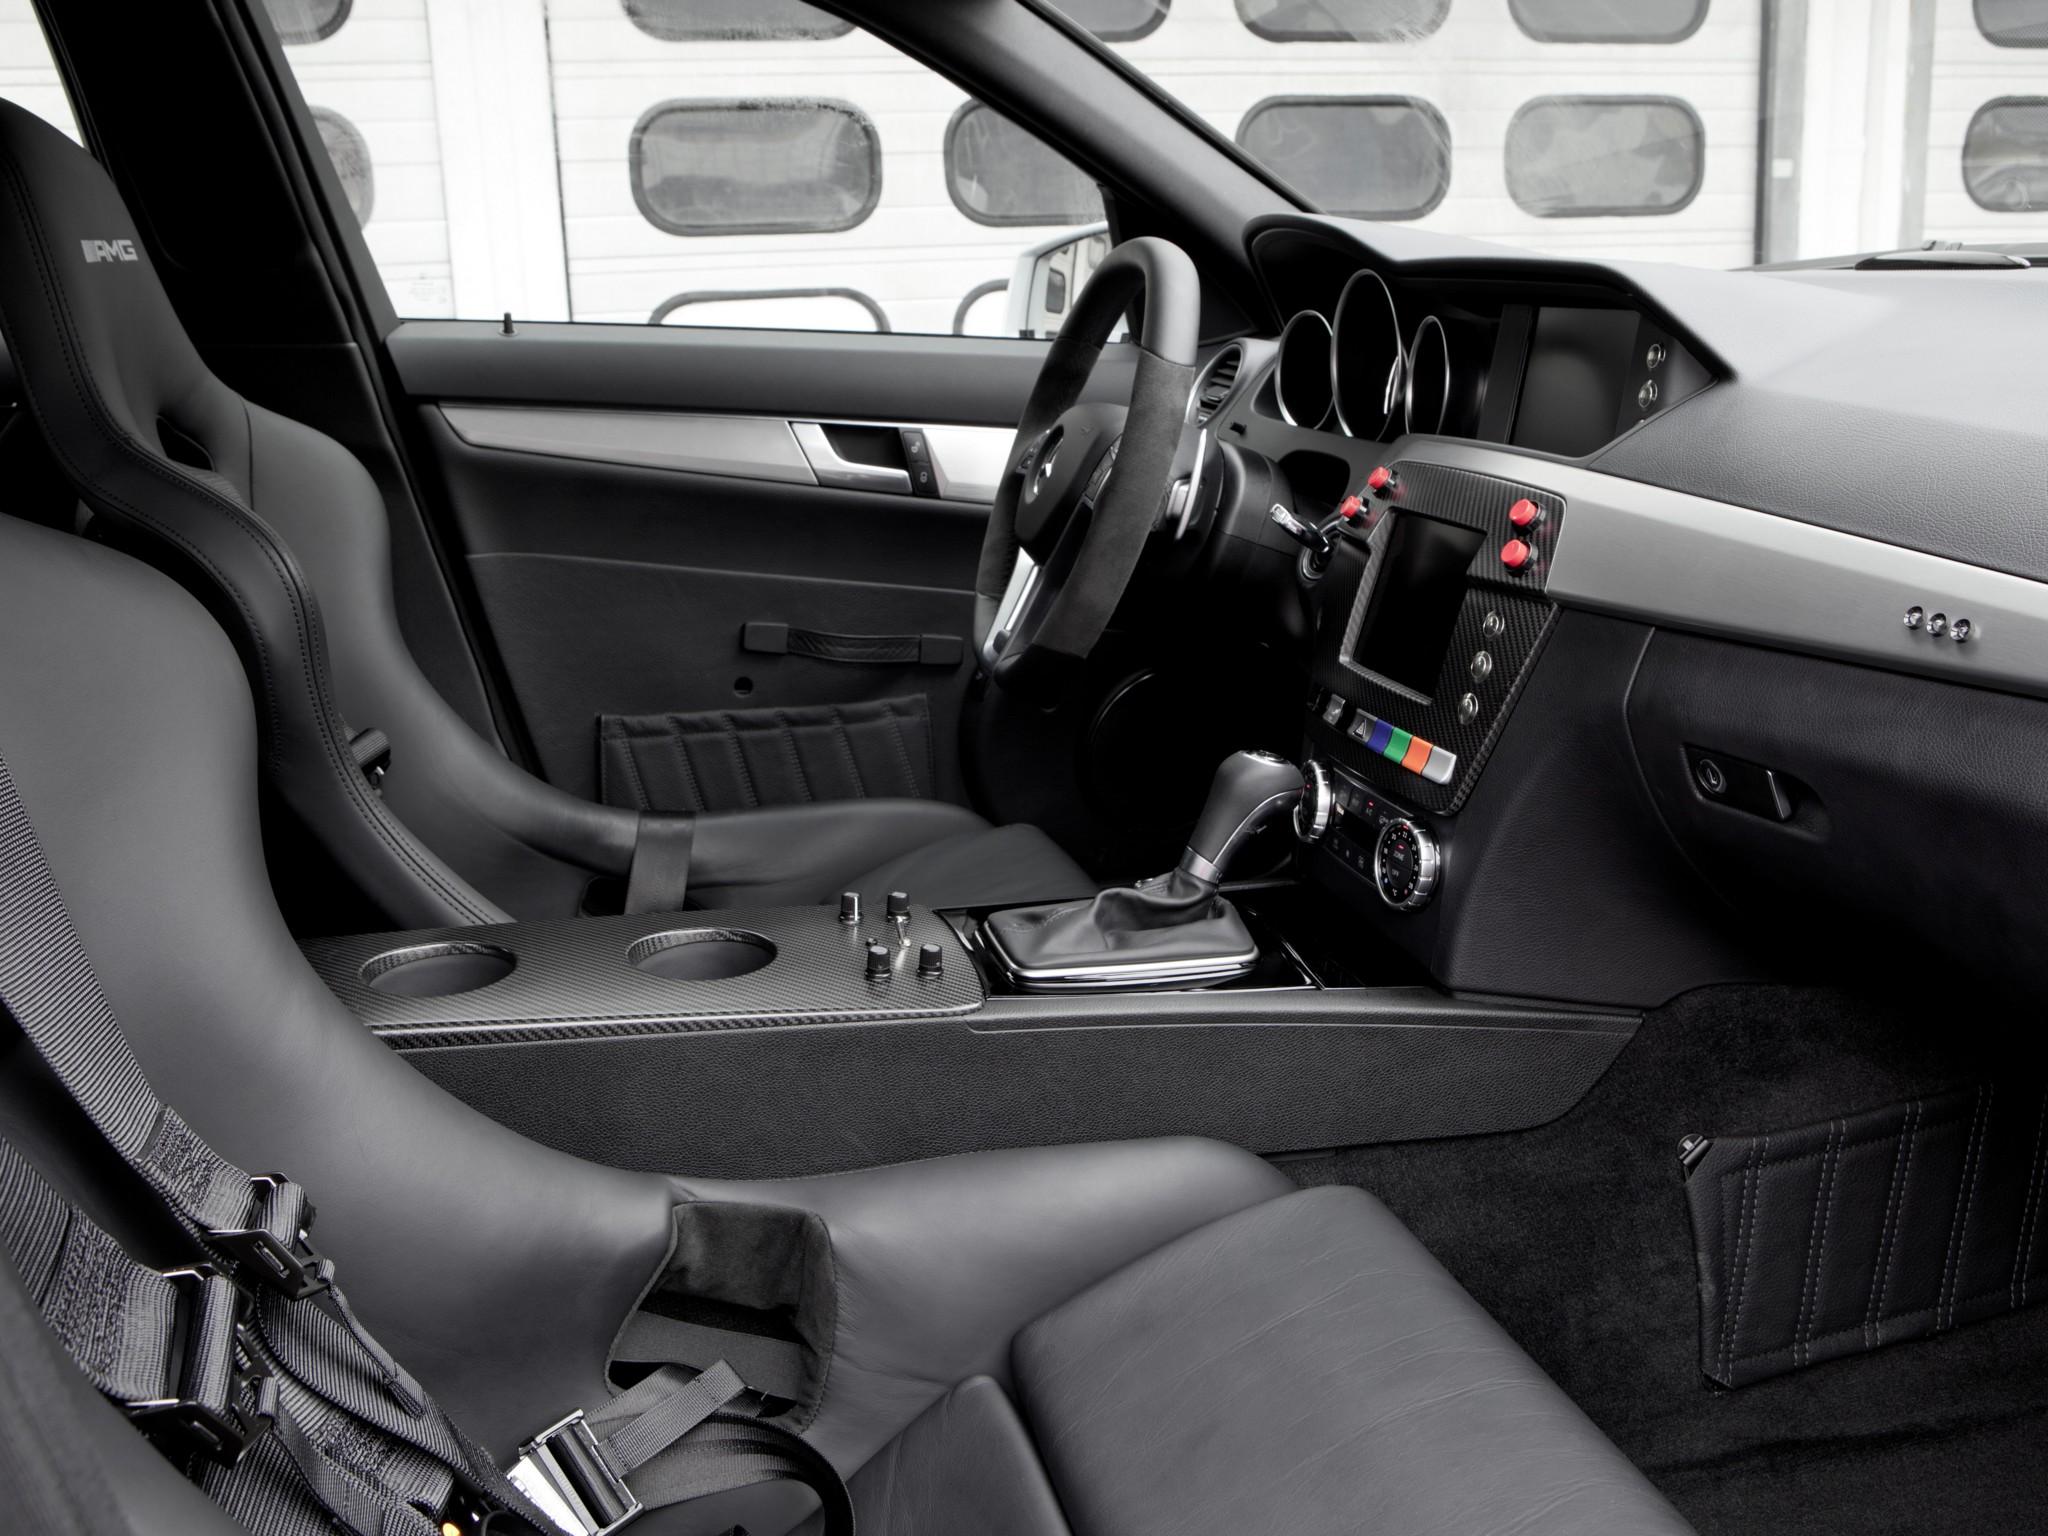 2011 mercedes benz c63 amg estate f 1 medical car s204 race racing formula one stationwagon. Black Bedroom Furniture Sets. Home Design Ideas